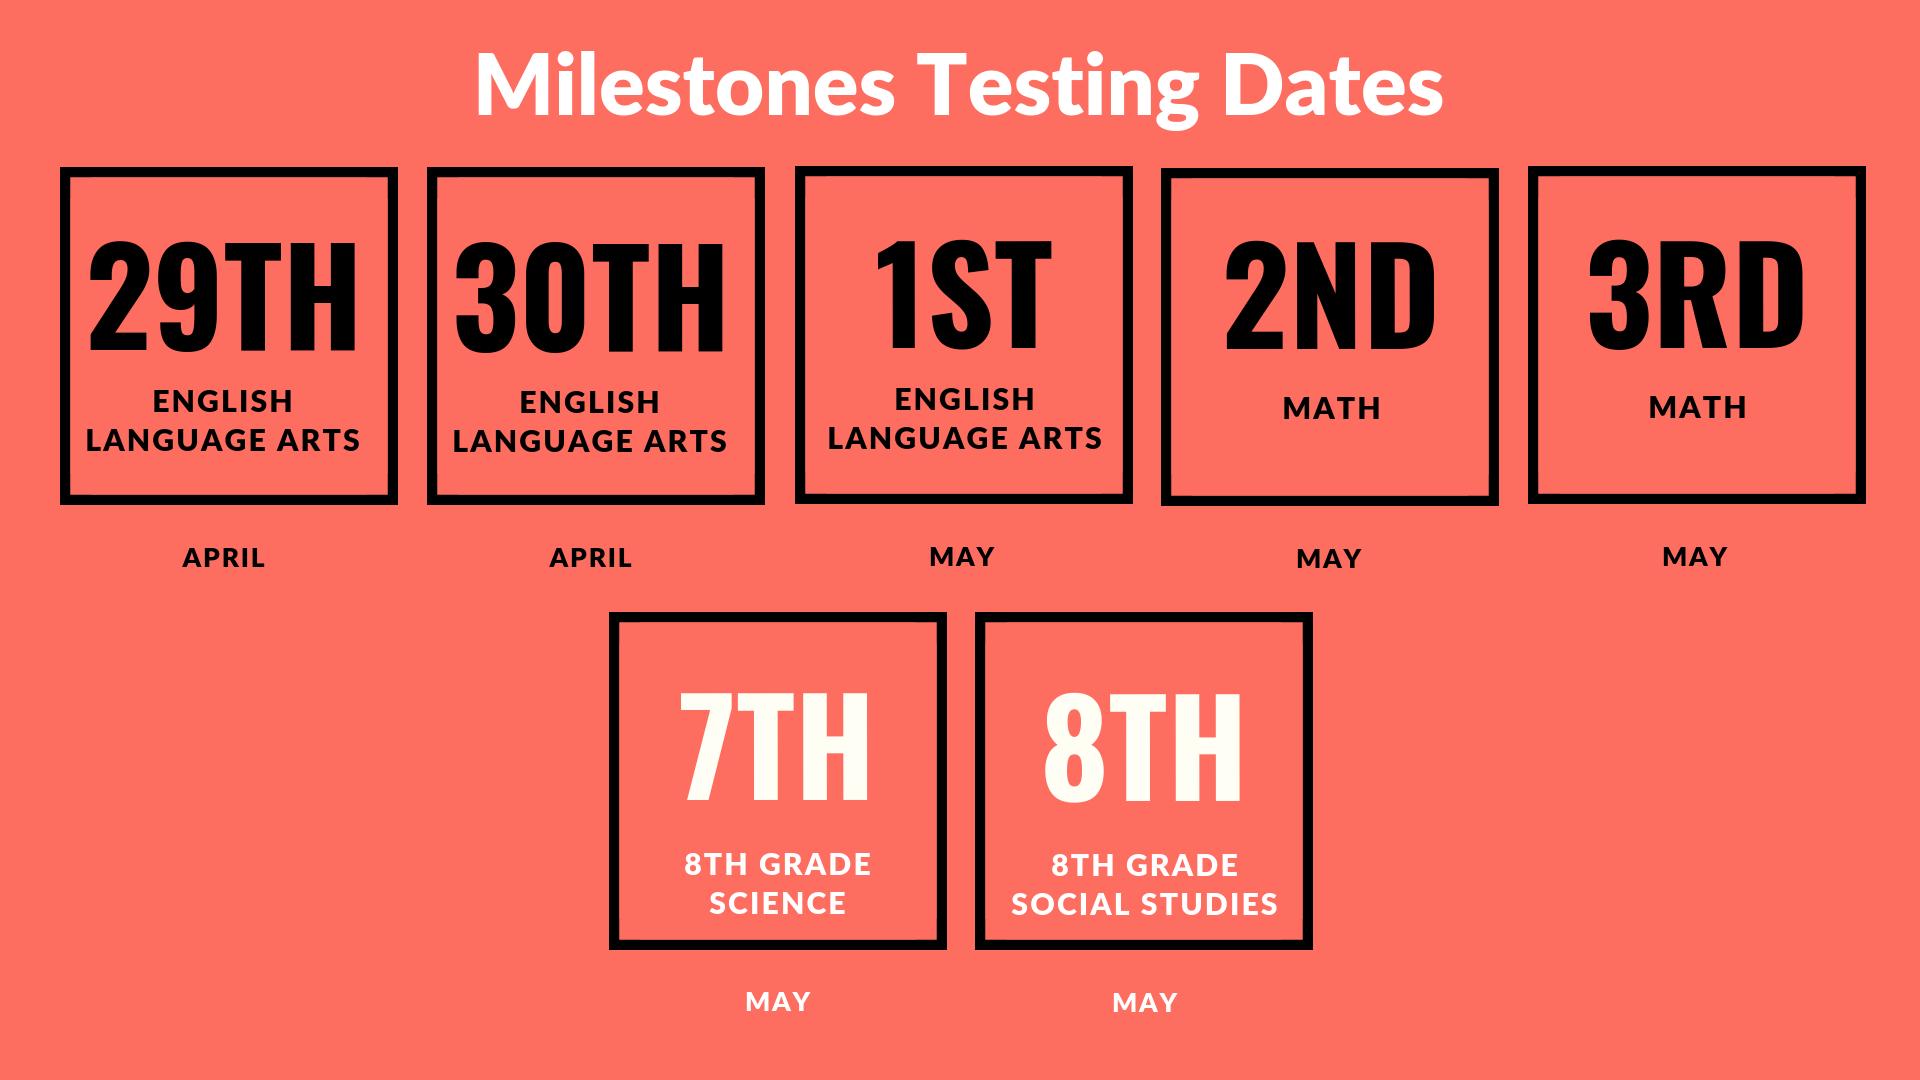 Milestones Dates